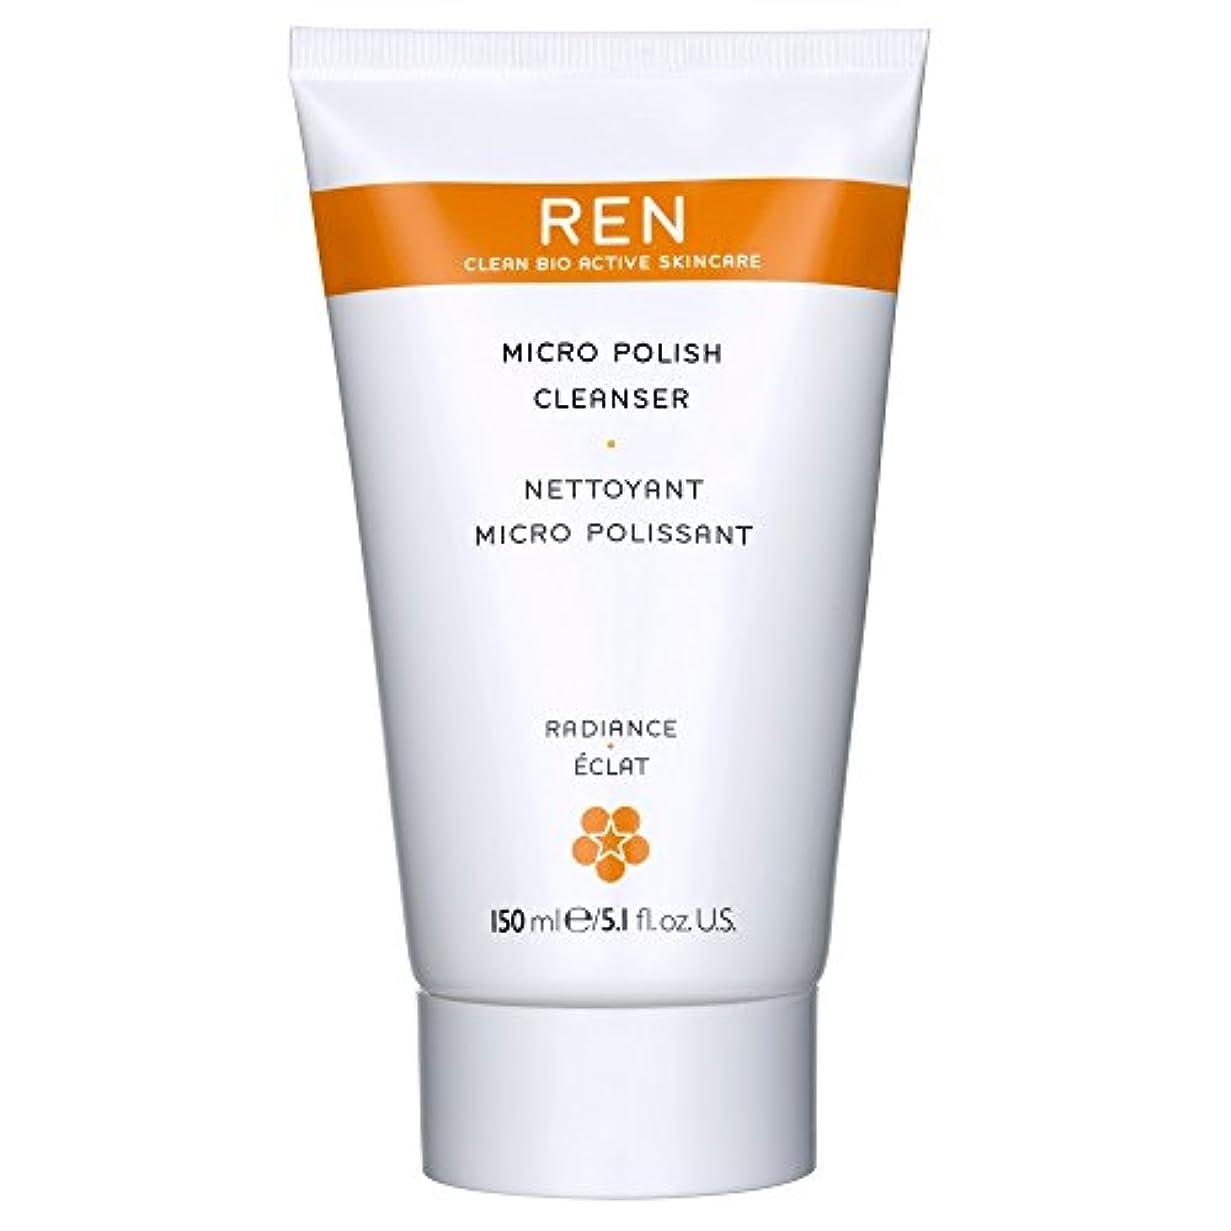 プレビスサイト哲学キャストRenミルコ磨きクレンザー、150ミリリットル (REN) (x6) - REN Mirco Polish Cleanser, 150ml (Pack of 6) [並行輸入品]